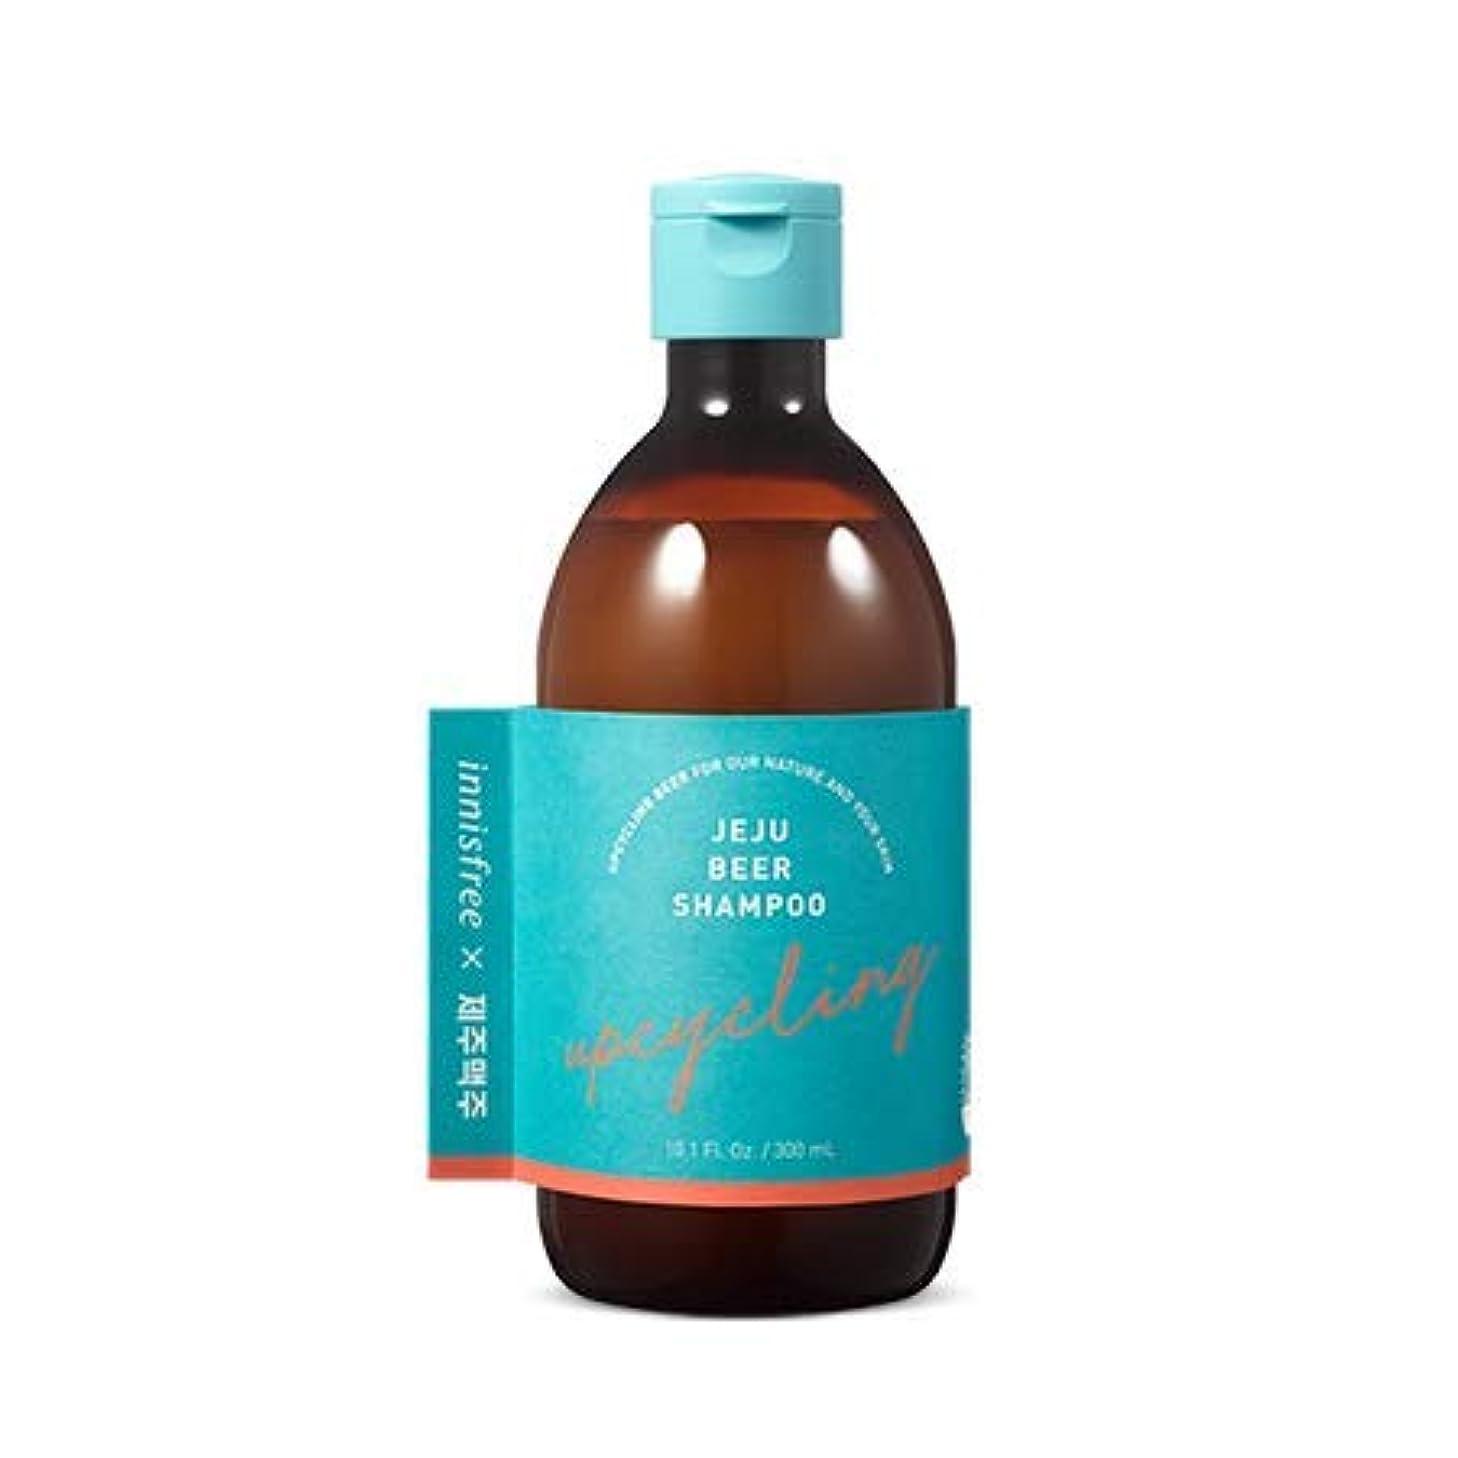 断言する多くの危険がある状況人事[イニスフリー.innisfree]済州ビールシャンプー300mL(2019.06新発売)/ Innisfree X Jeju Beer Shampoo